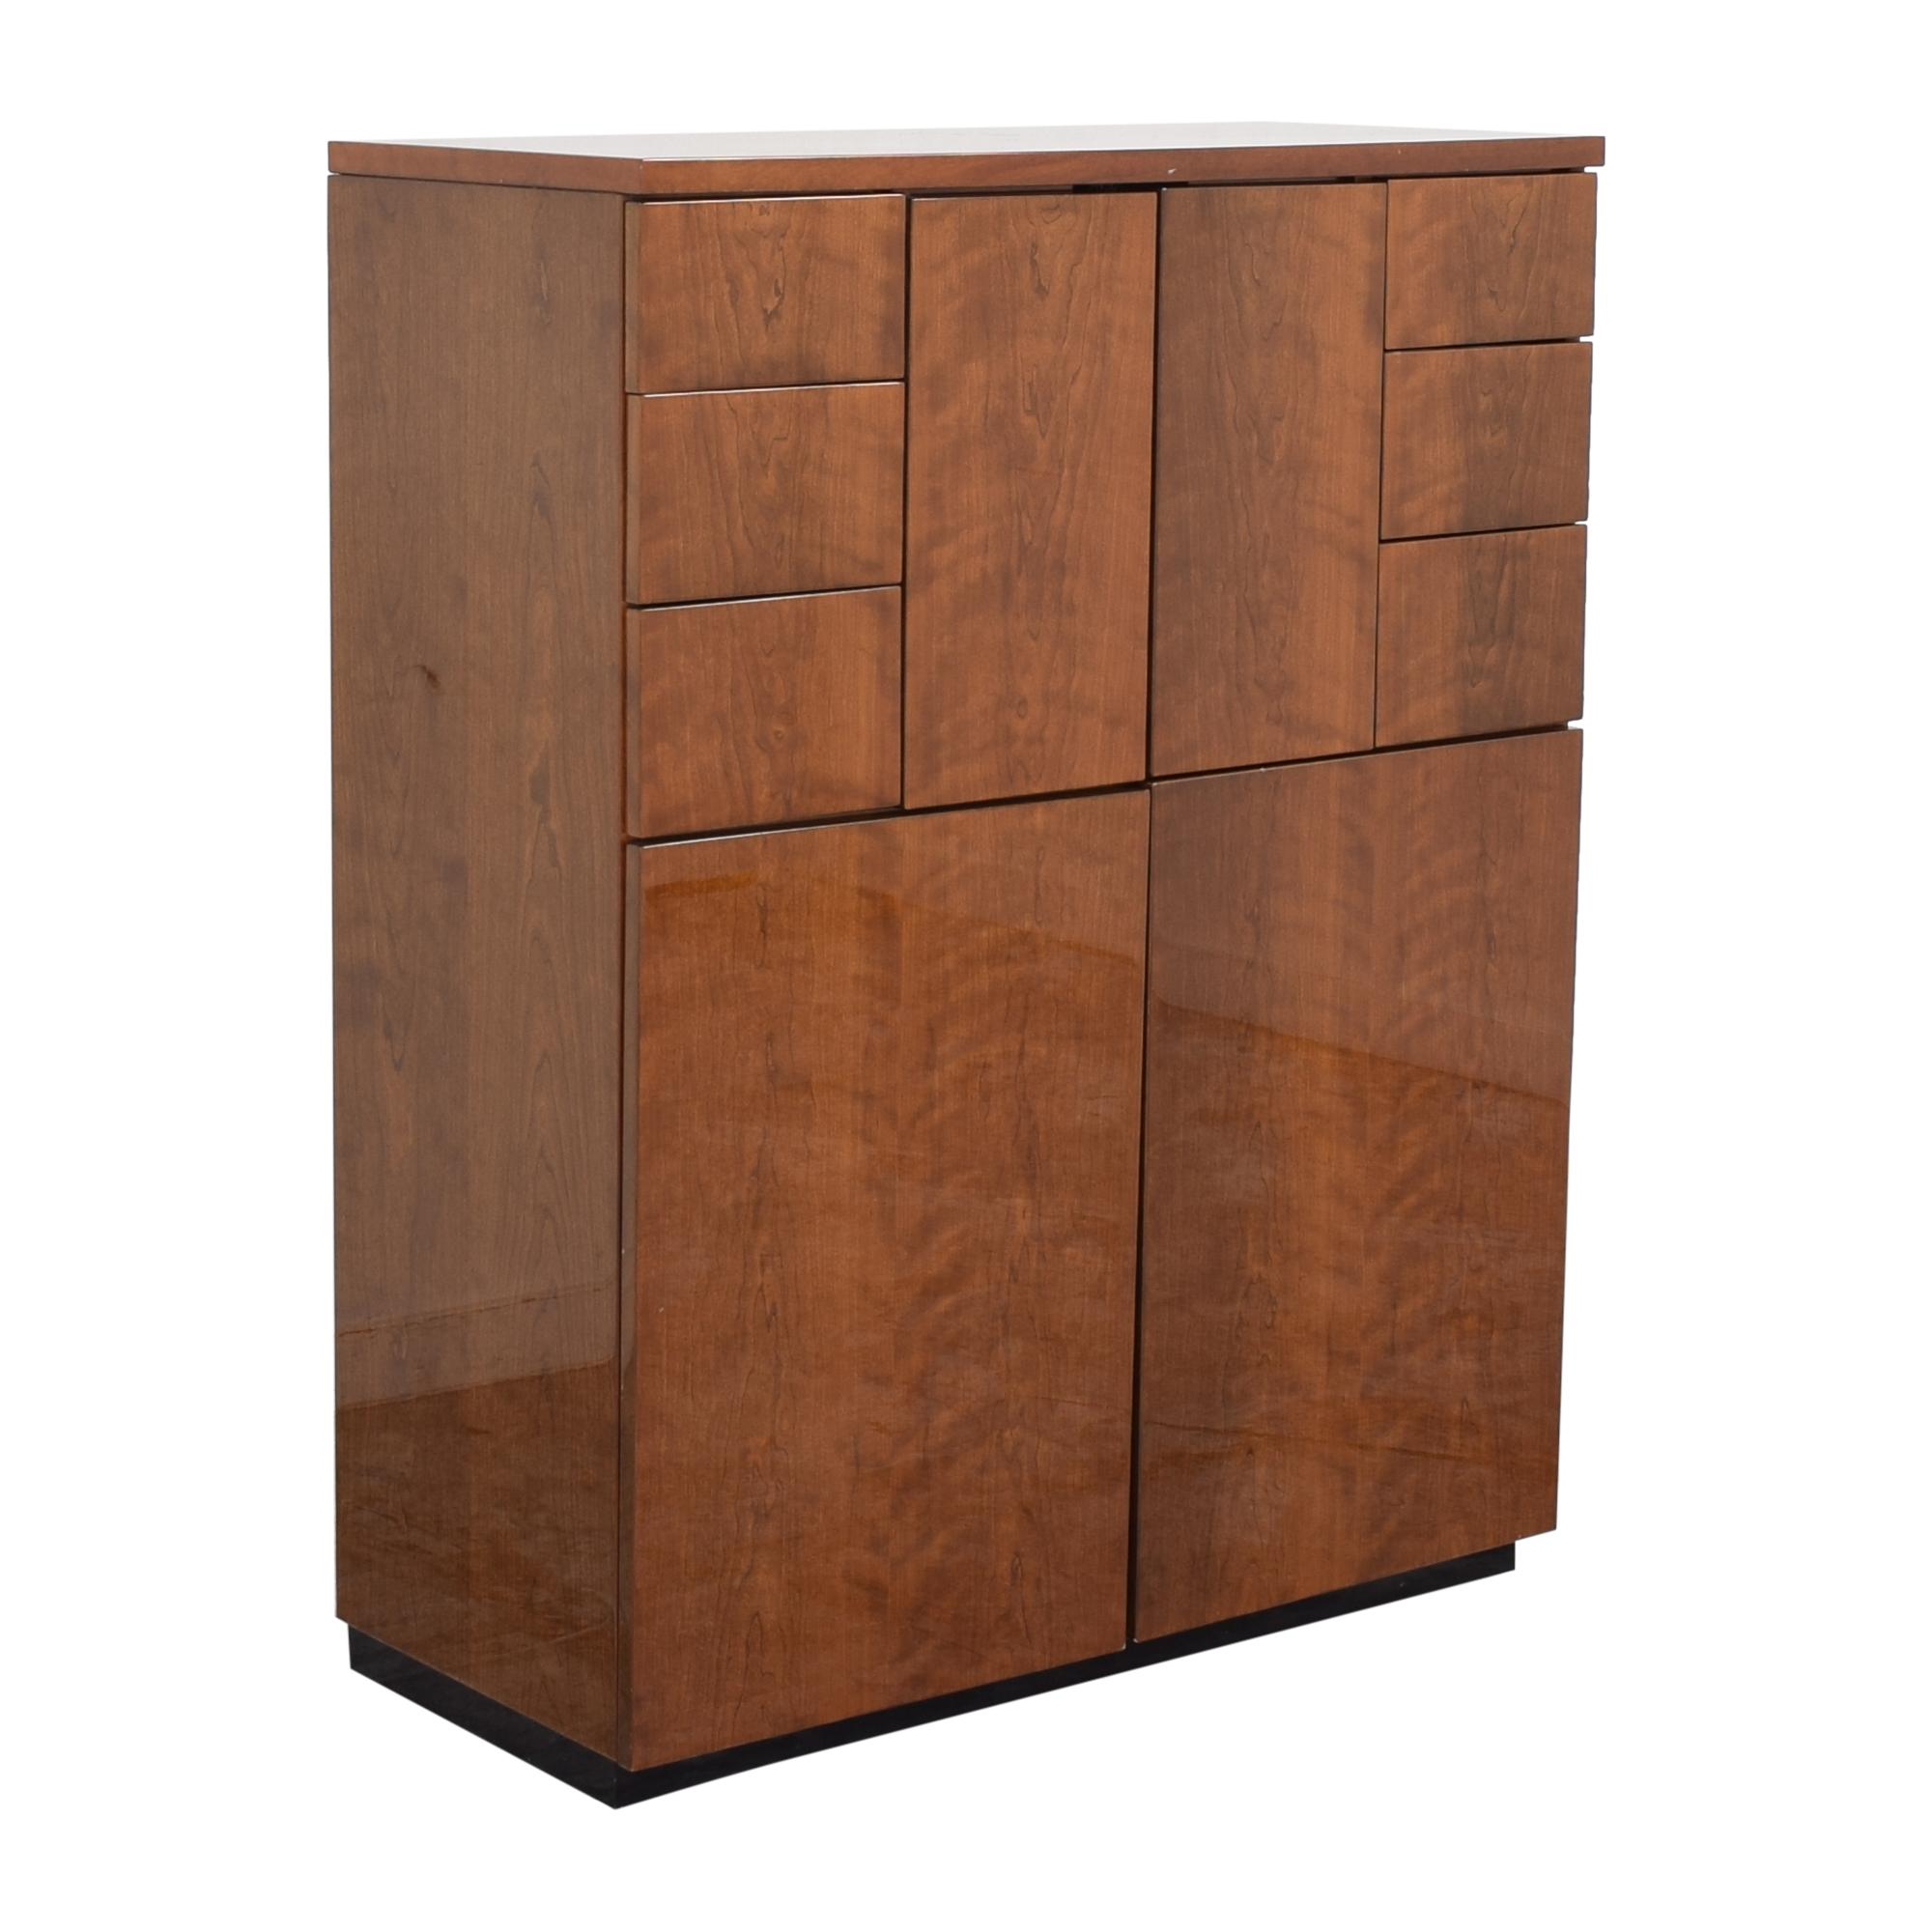 Henredon Furniture Henredon Furniture Storage Chest ma